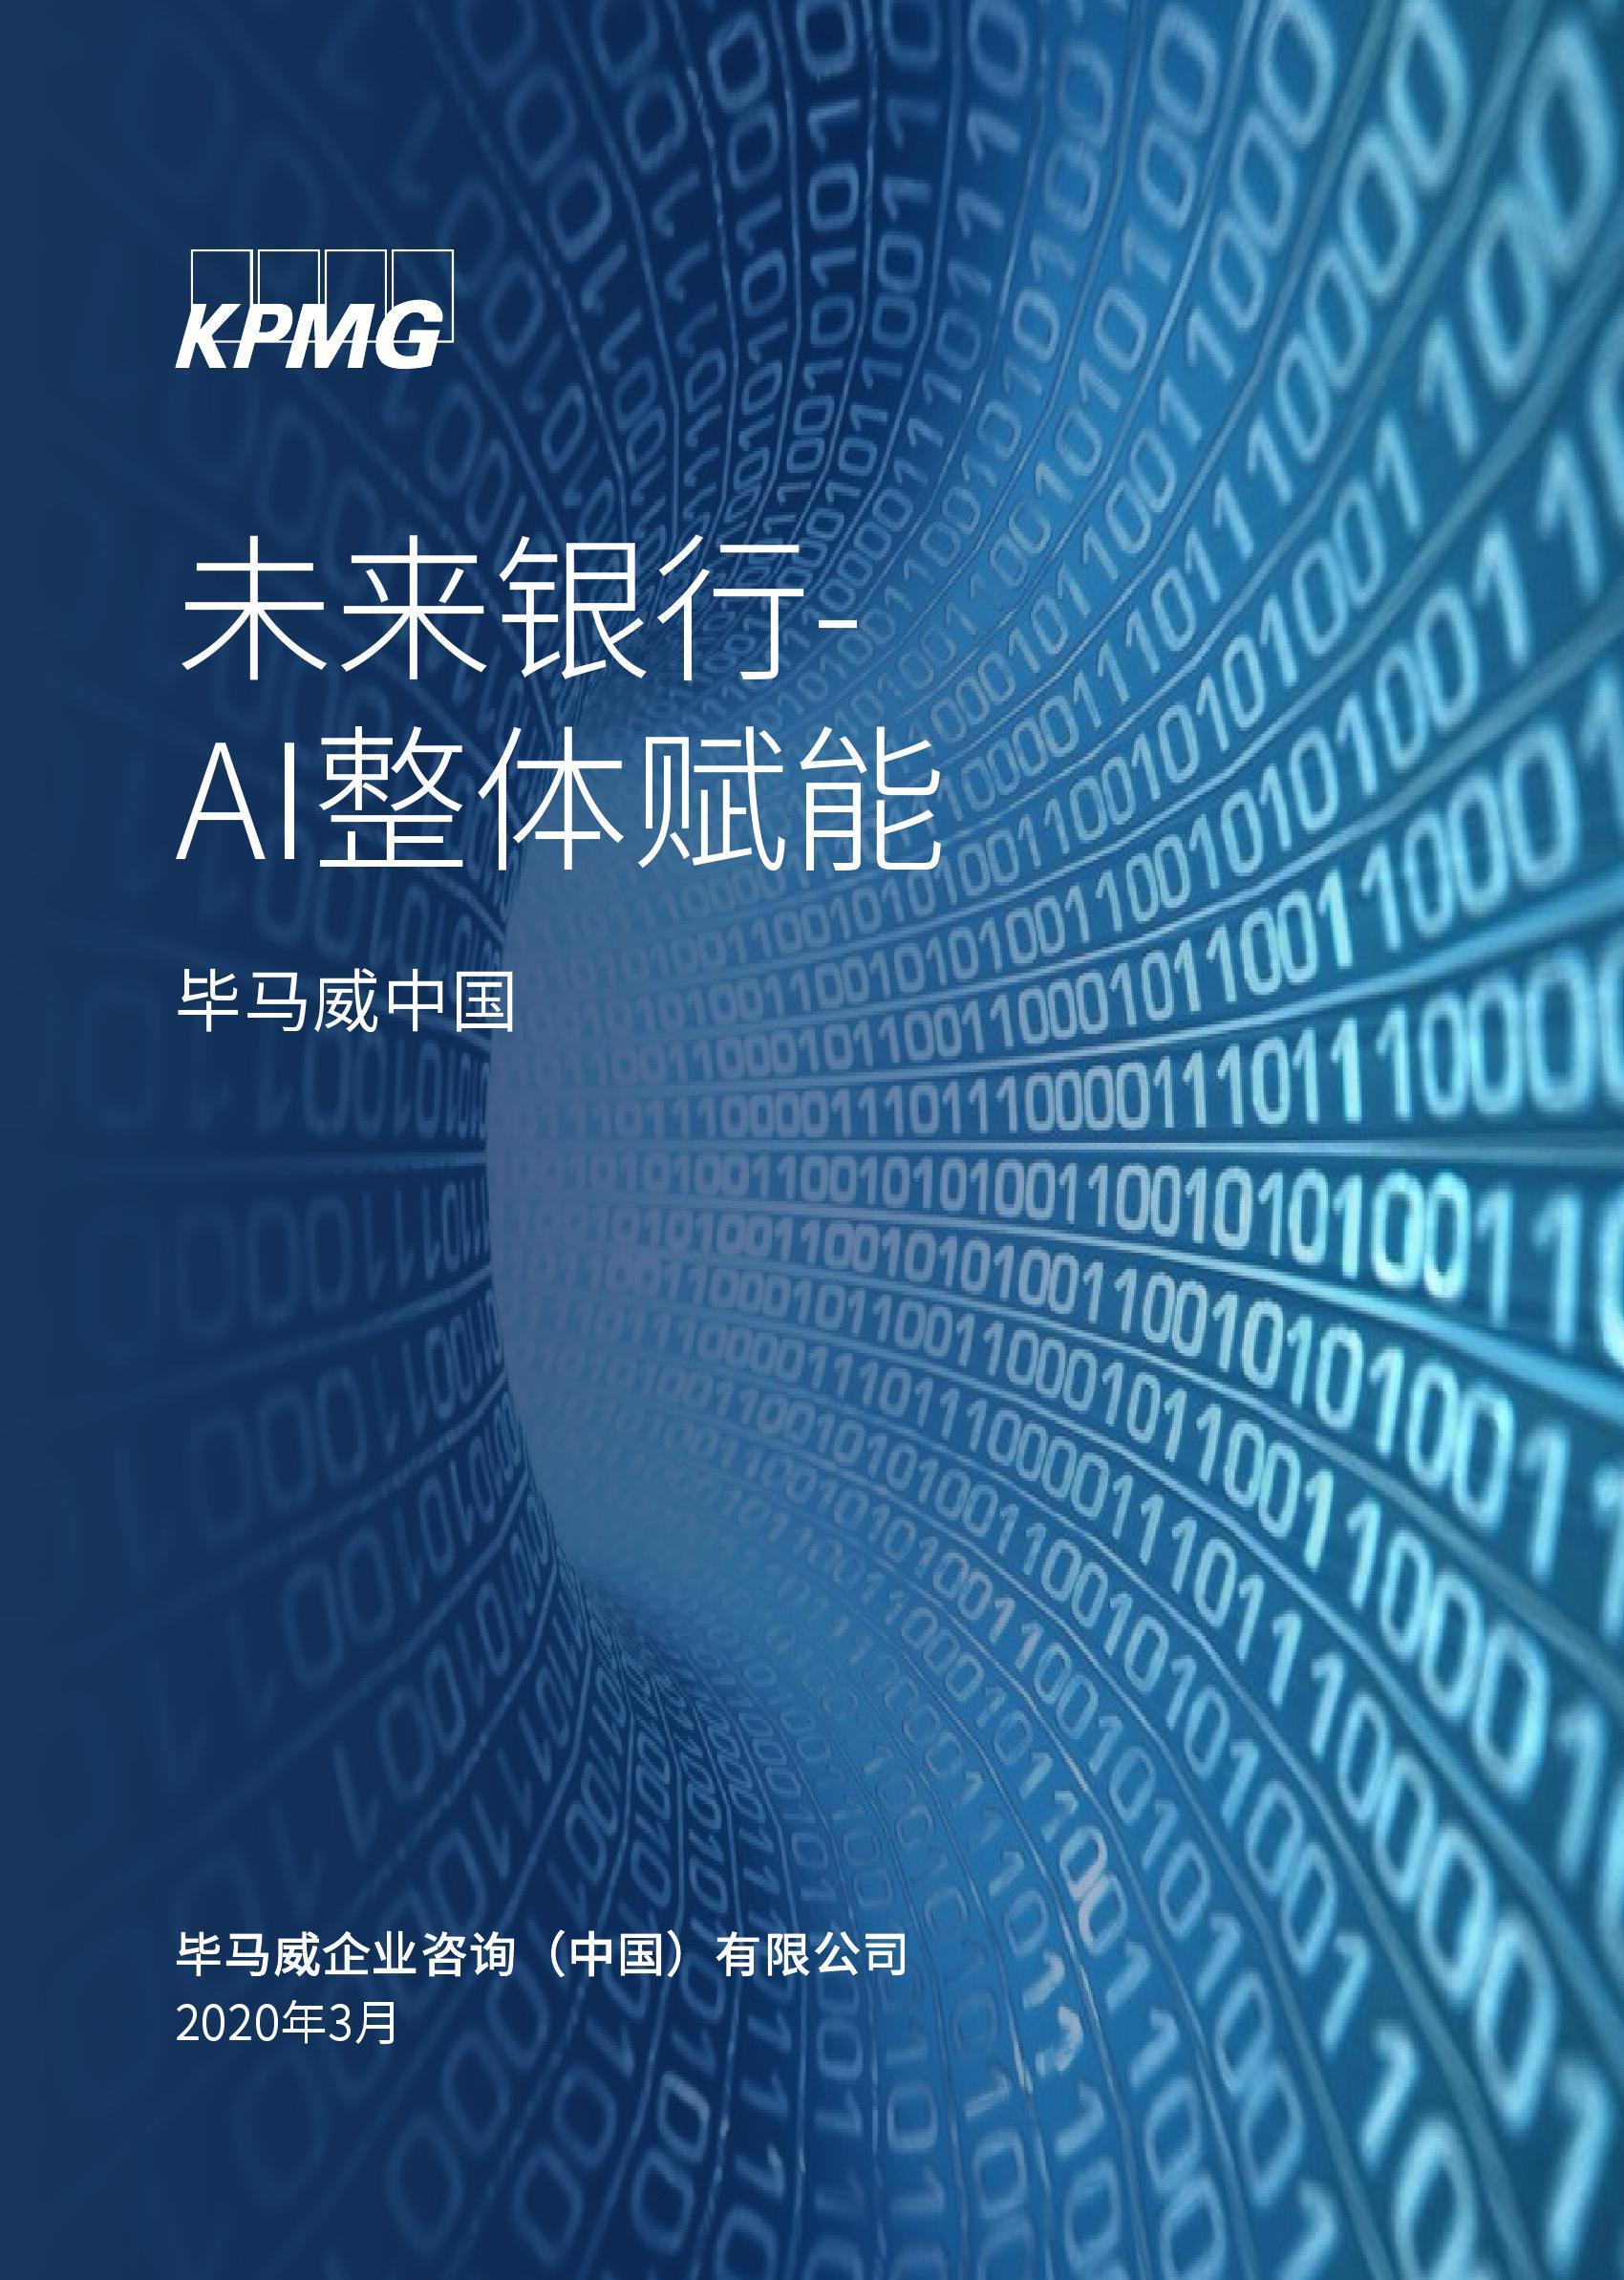 未来银行:AI整体赋能(附下载)